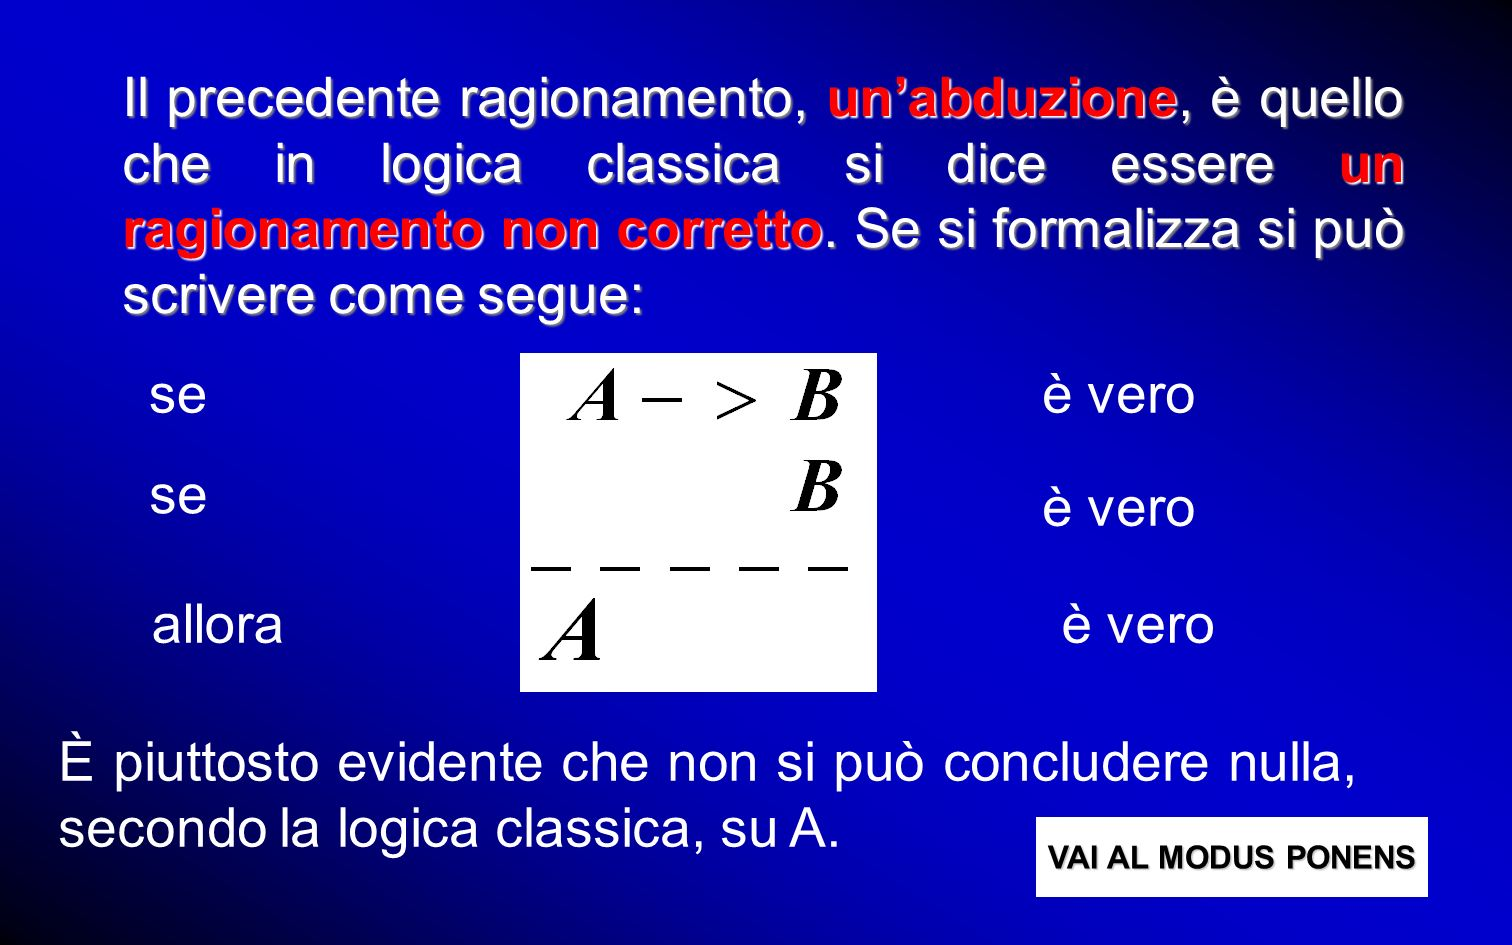 Il precedente ragionamento, un'abduzione, è quello che in logica classica si dice essere un ragionamento non corretto. Se si formalizza si può scrivere come segue: